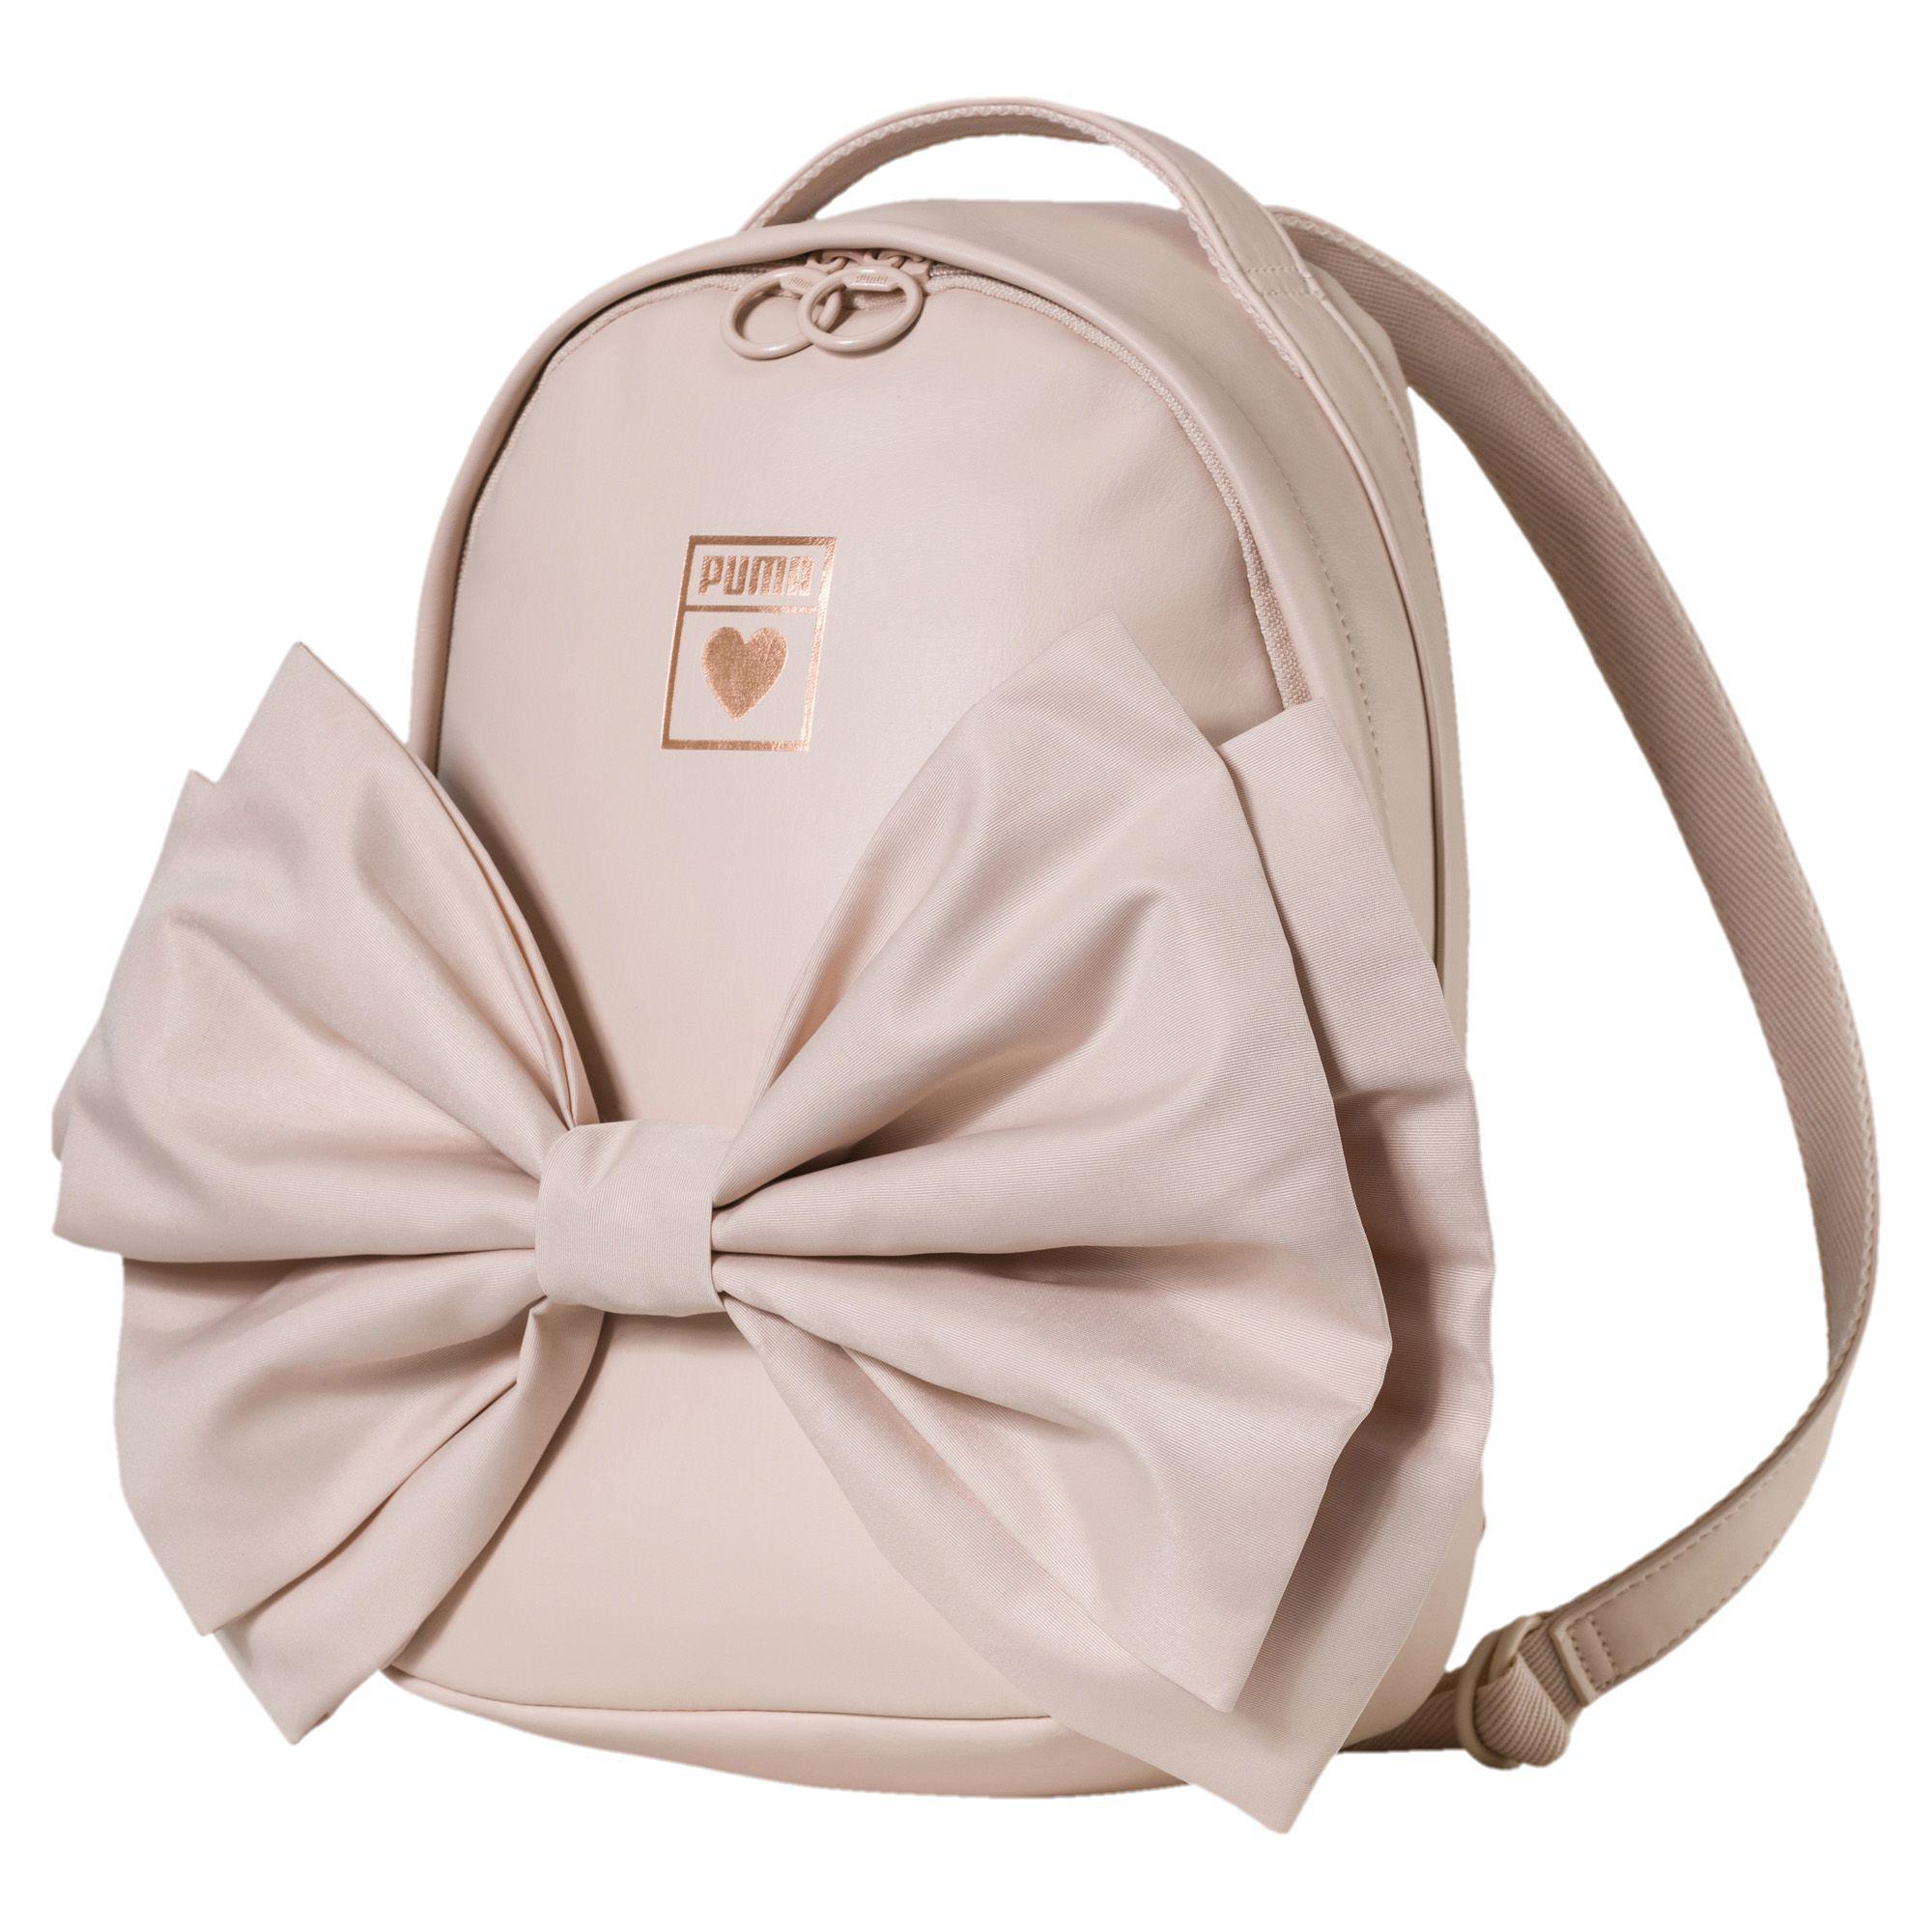 7c948af672 Lyst - PUMA Prime Archive Valentine Backpack